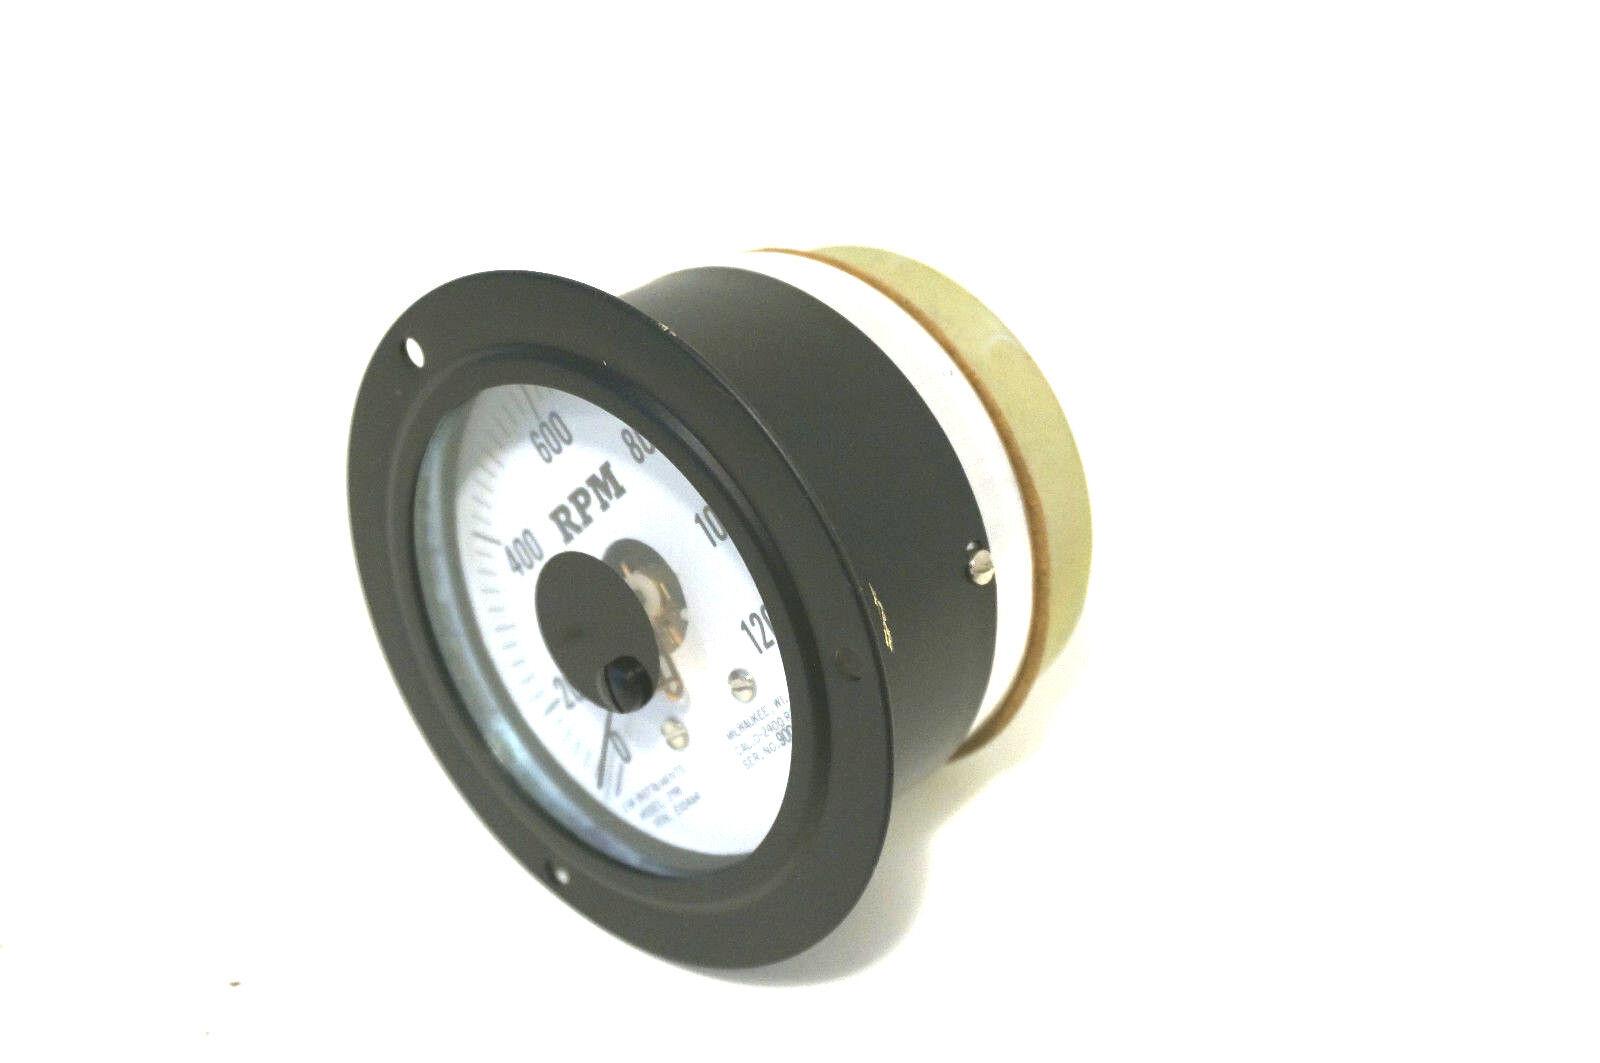 NEW EM  INSTRUMENTS MODEL 298 TACHOMETER DB-40   0-1200 RPM